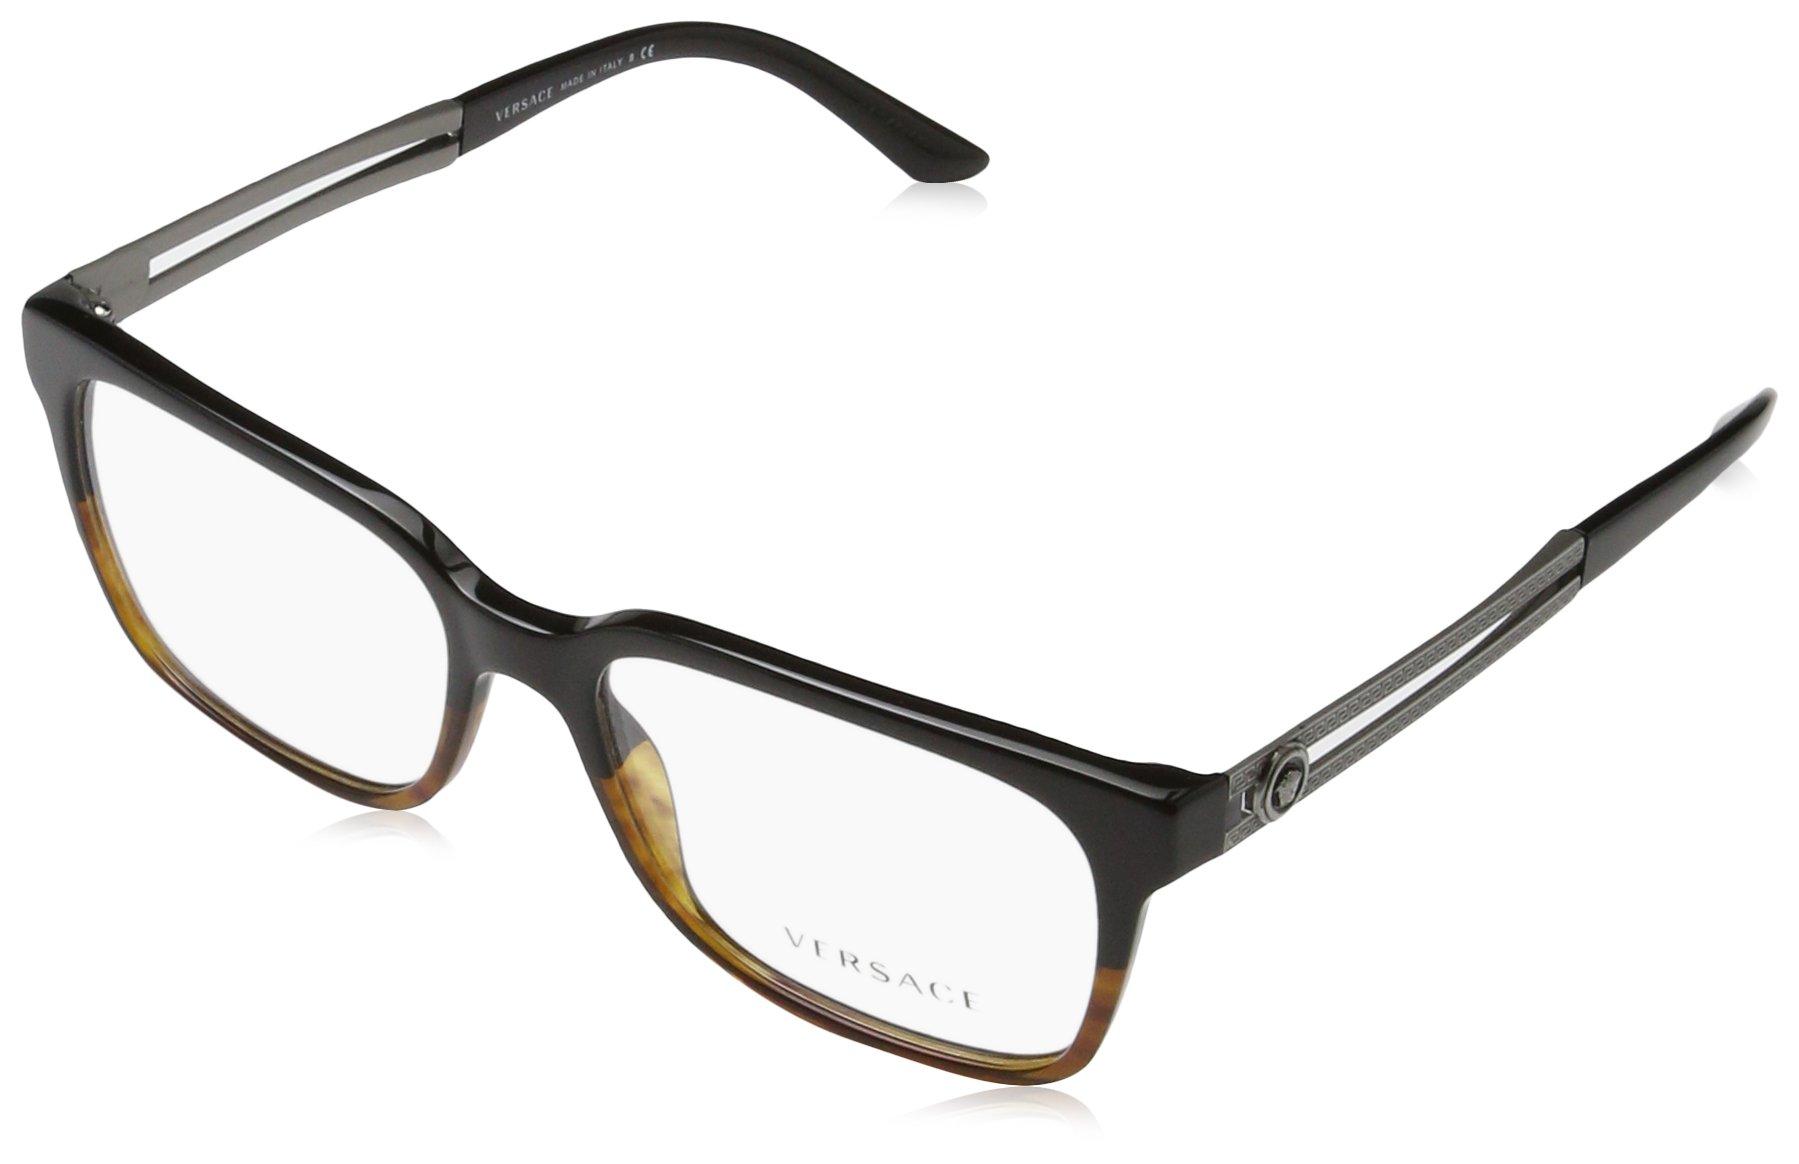 Eyeglasses Versace VE 3218 5177 BLACK/HAVANA by Versace